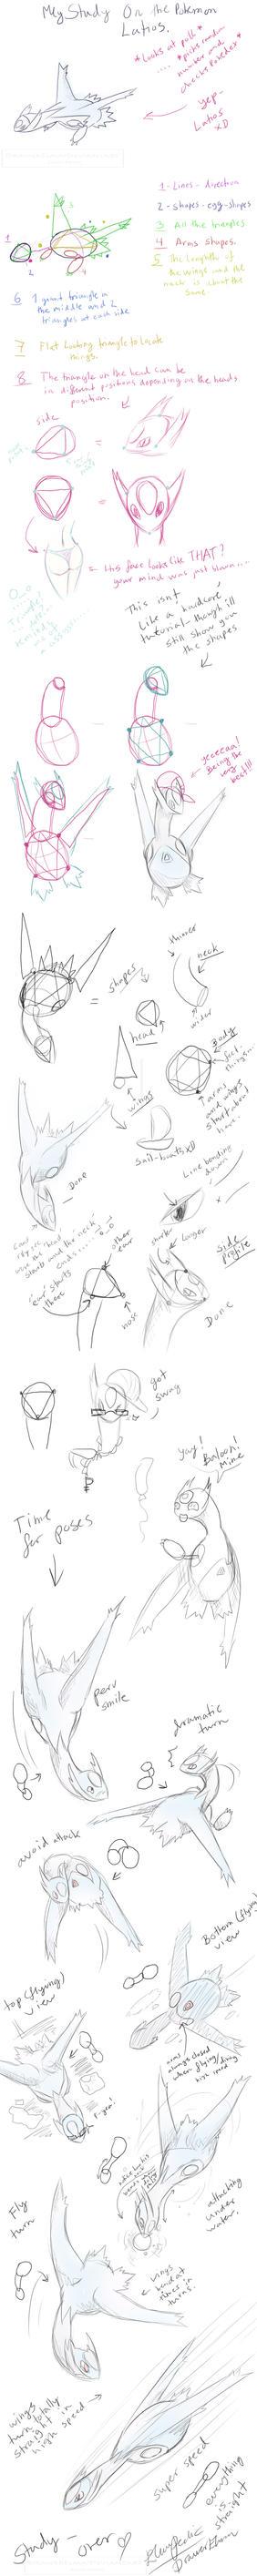 How to Draw Latios- DrawerElma's Study by DrawerElma